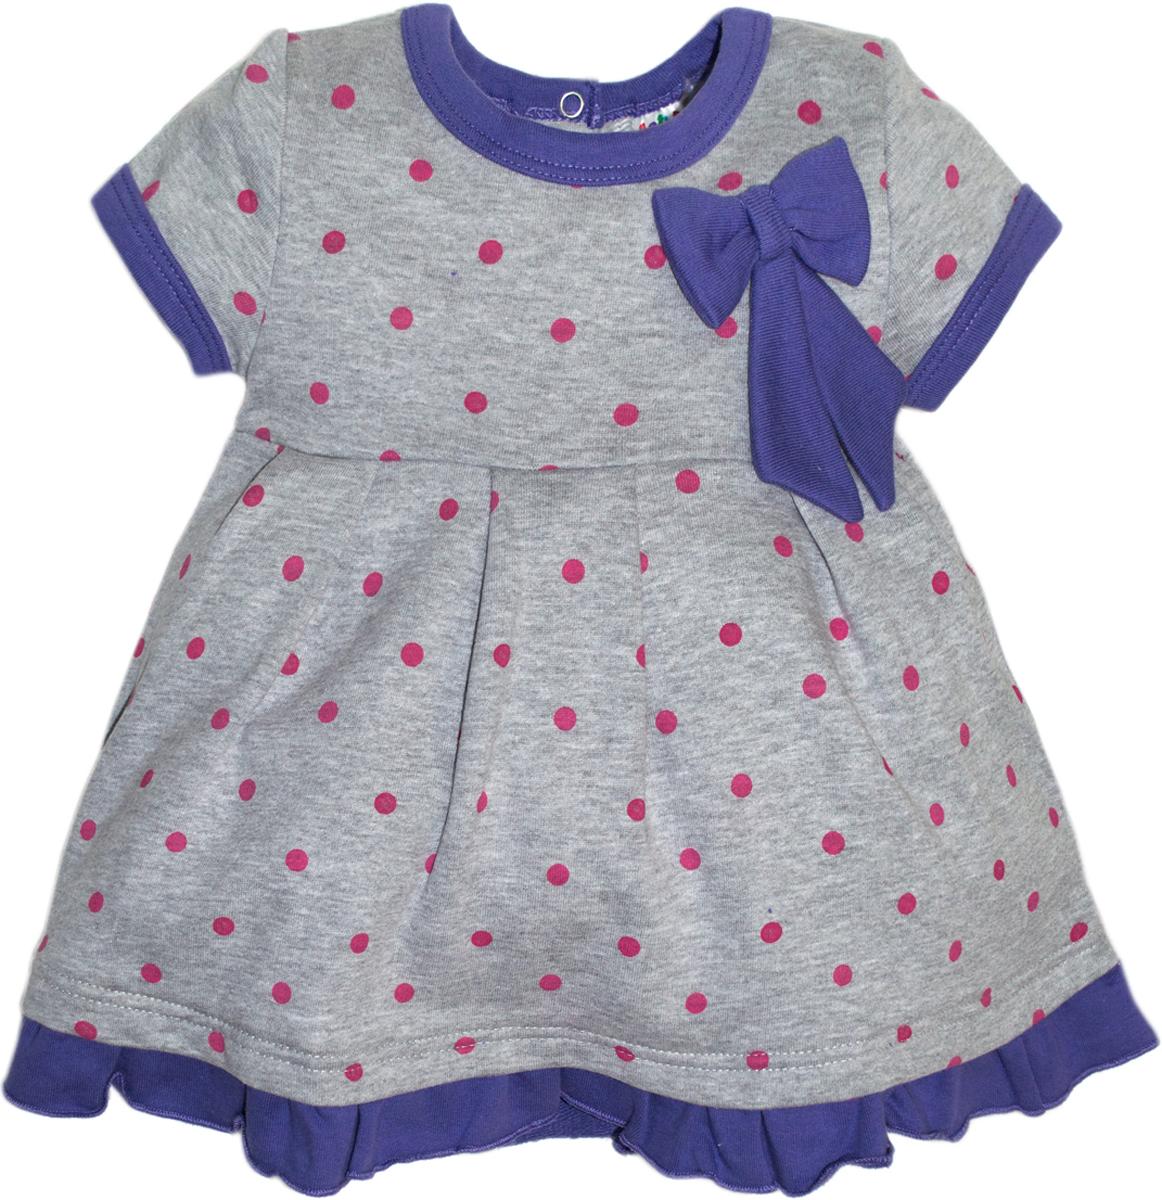 Платье для девочки Let's Go, цвет: серый. 8123. Размер 68 платье без рукавов с декоративным бантом